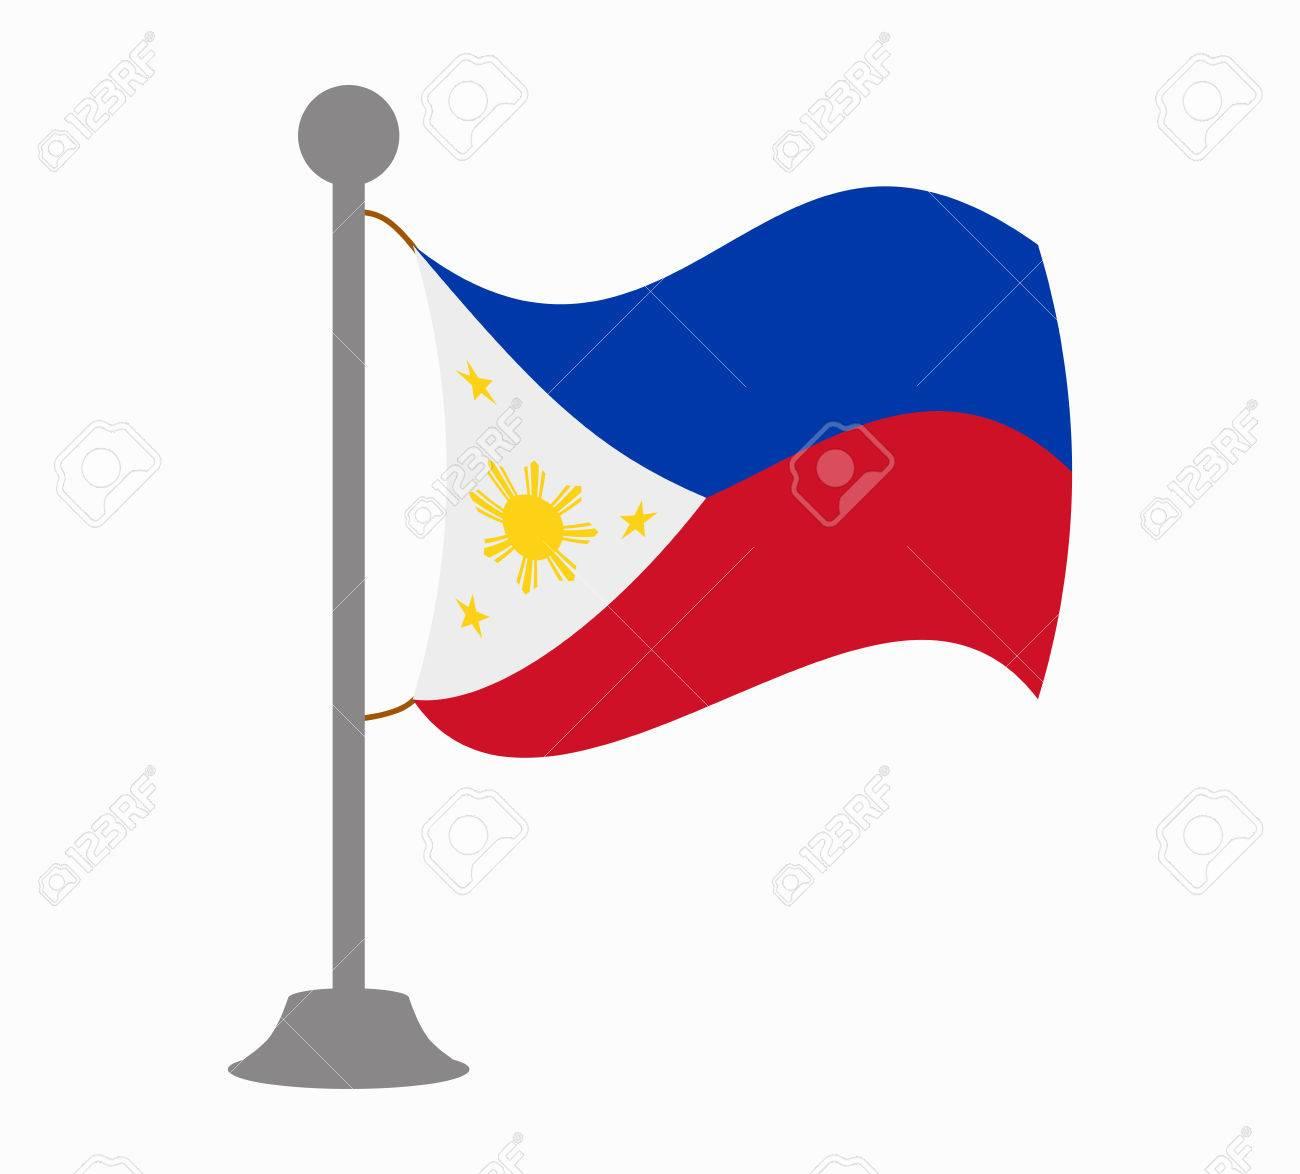 Philippines flag mast royalty free cliparts vectors and stock philippines flag mast stock vector 63214856 buycottarizona Images